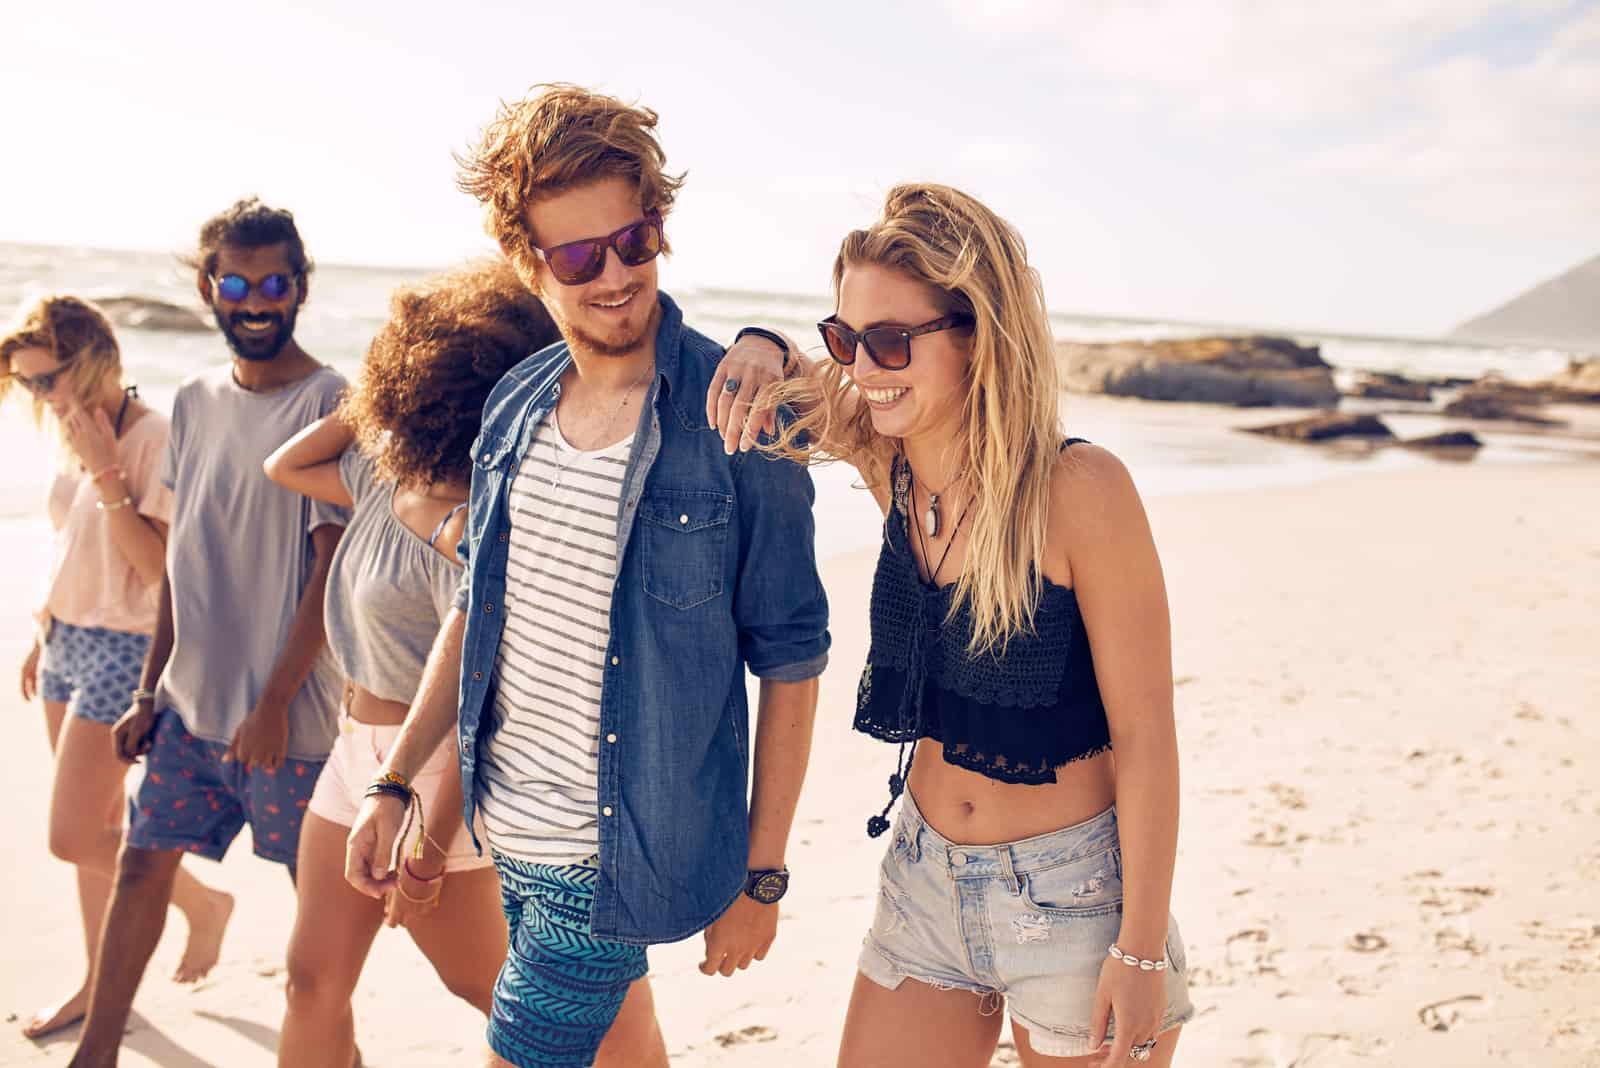 Freunde gehen am Strand entlang